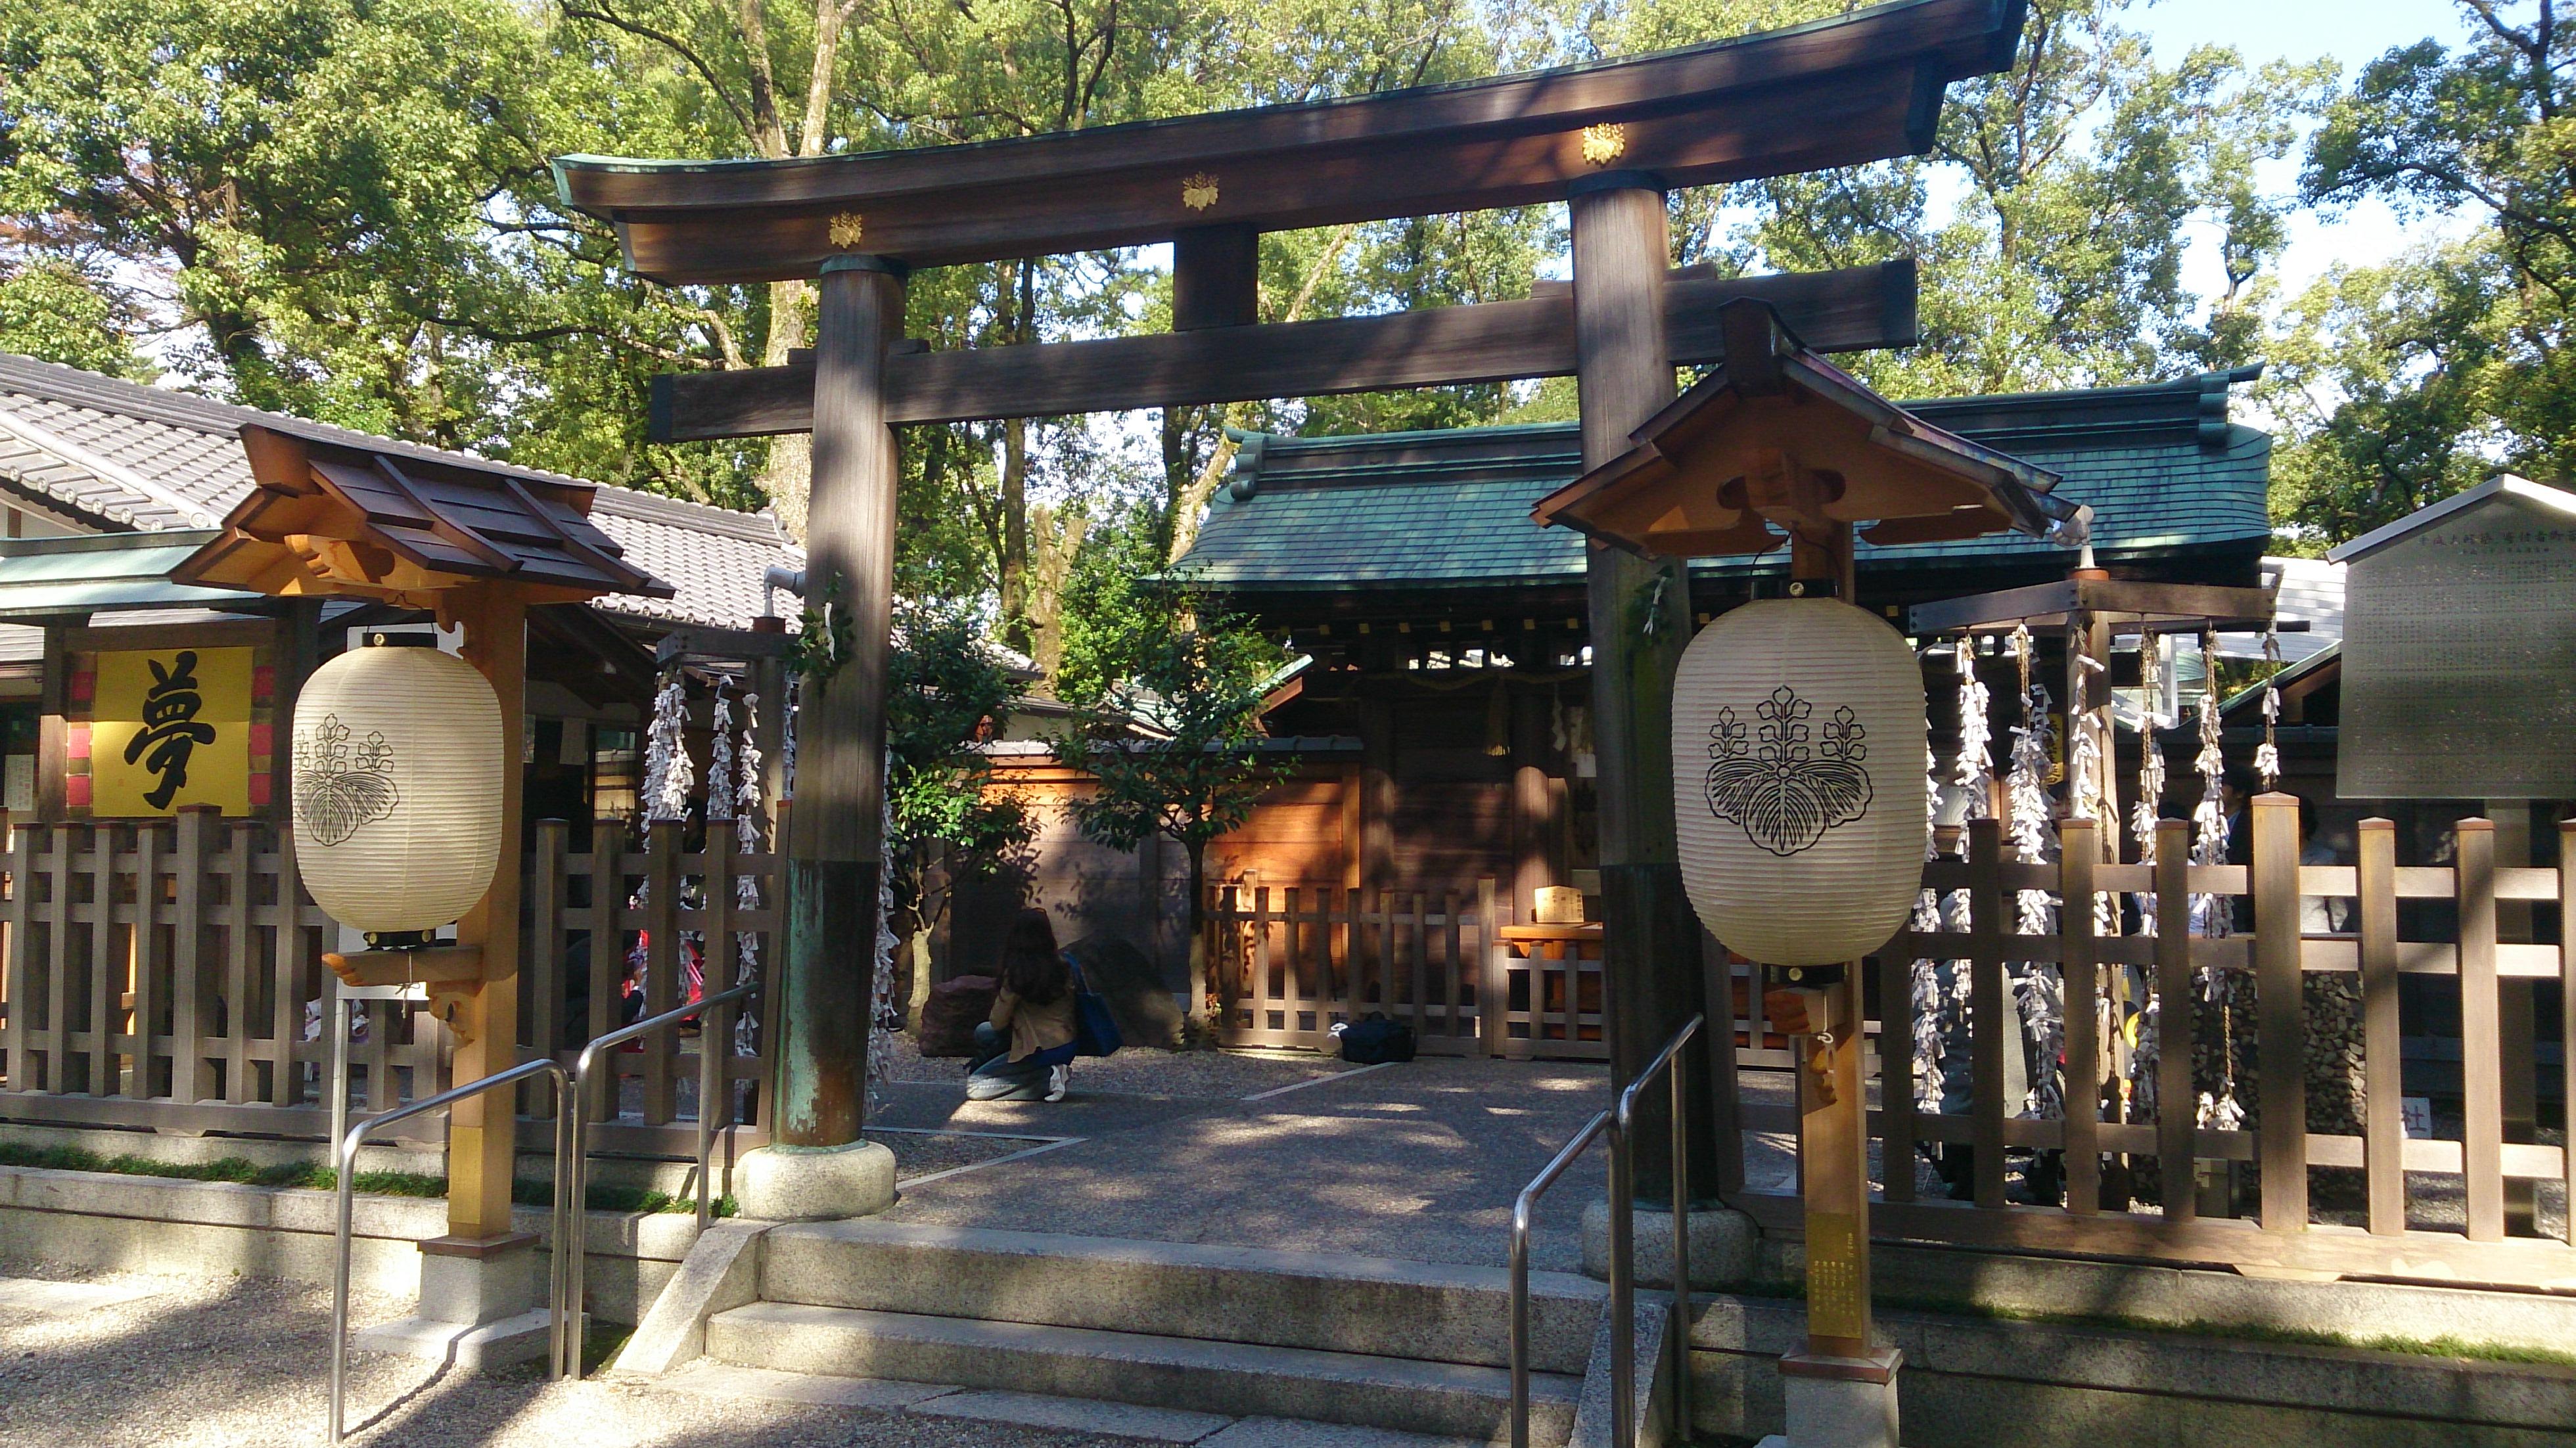 【愛知】豊臣秀吉公生誕480年「豊国神社」の限定御朱印と御朱印帳